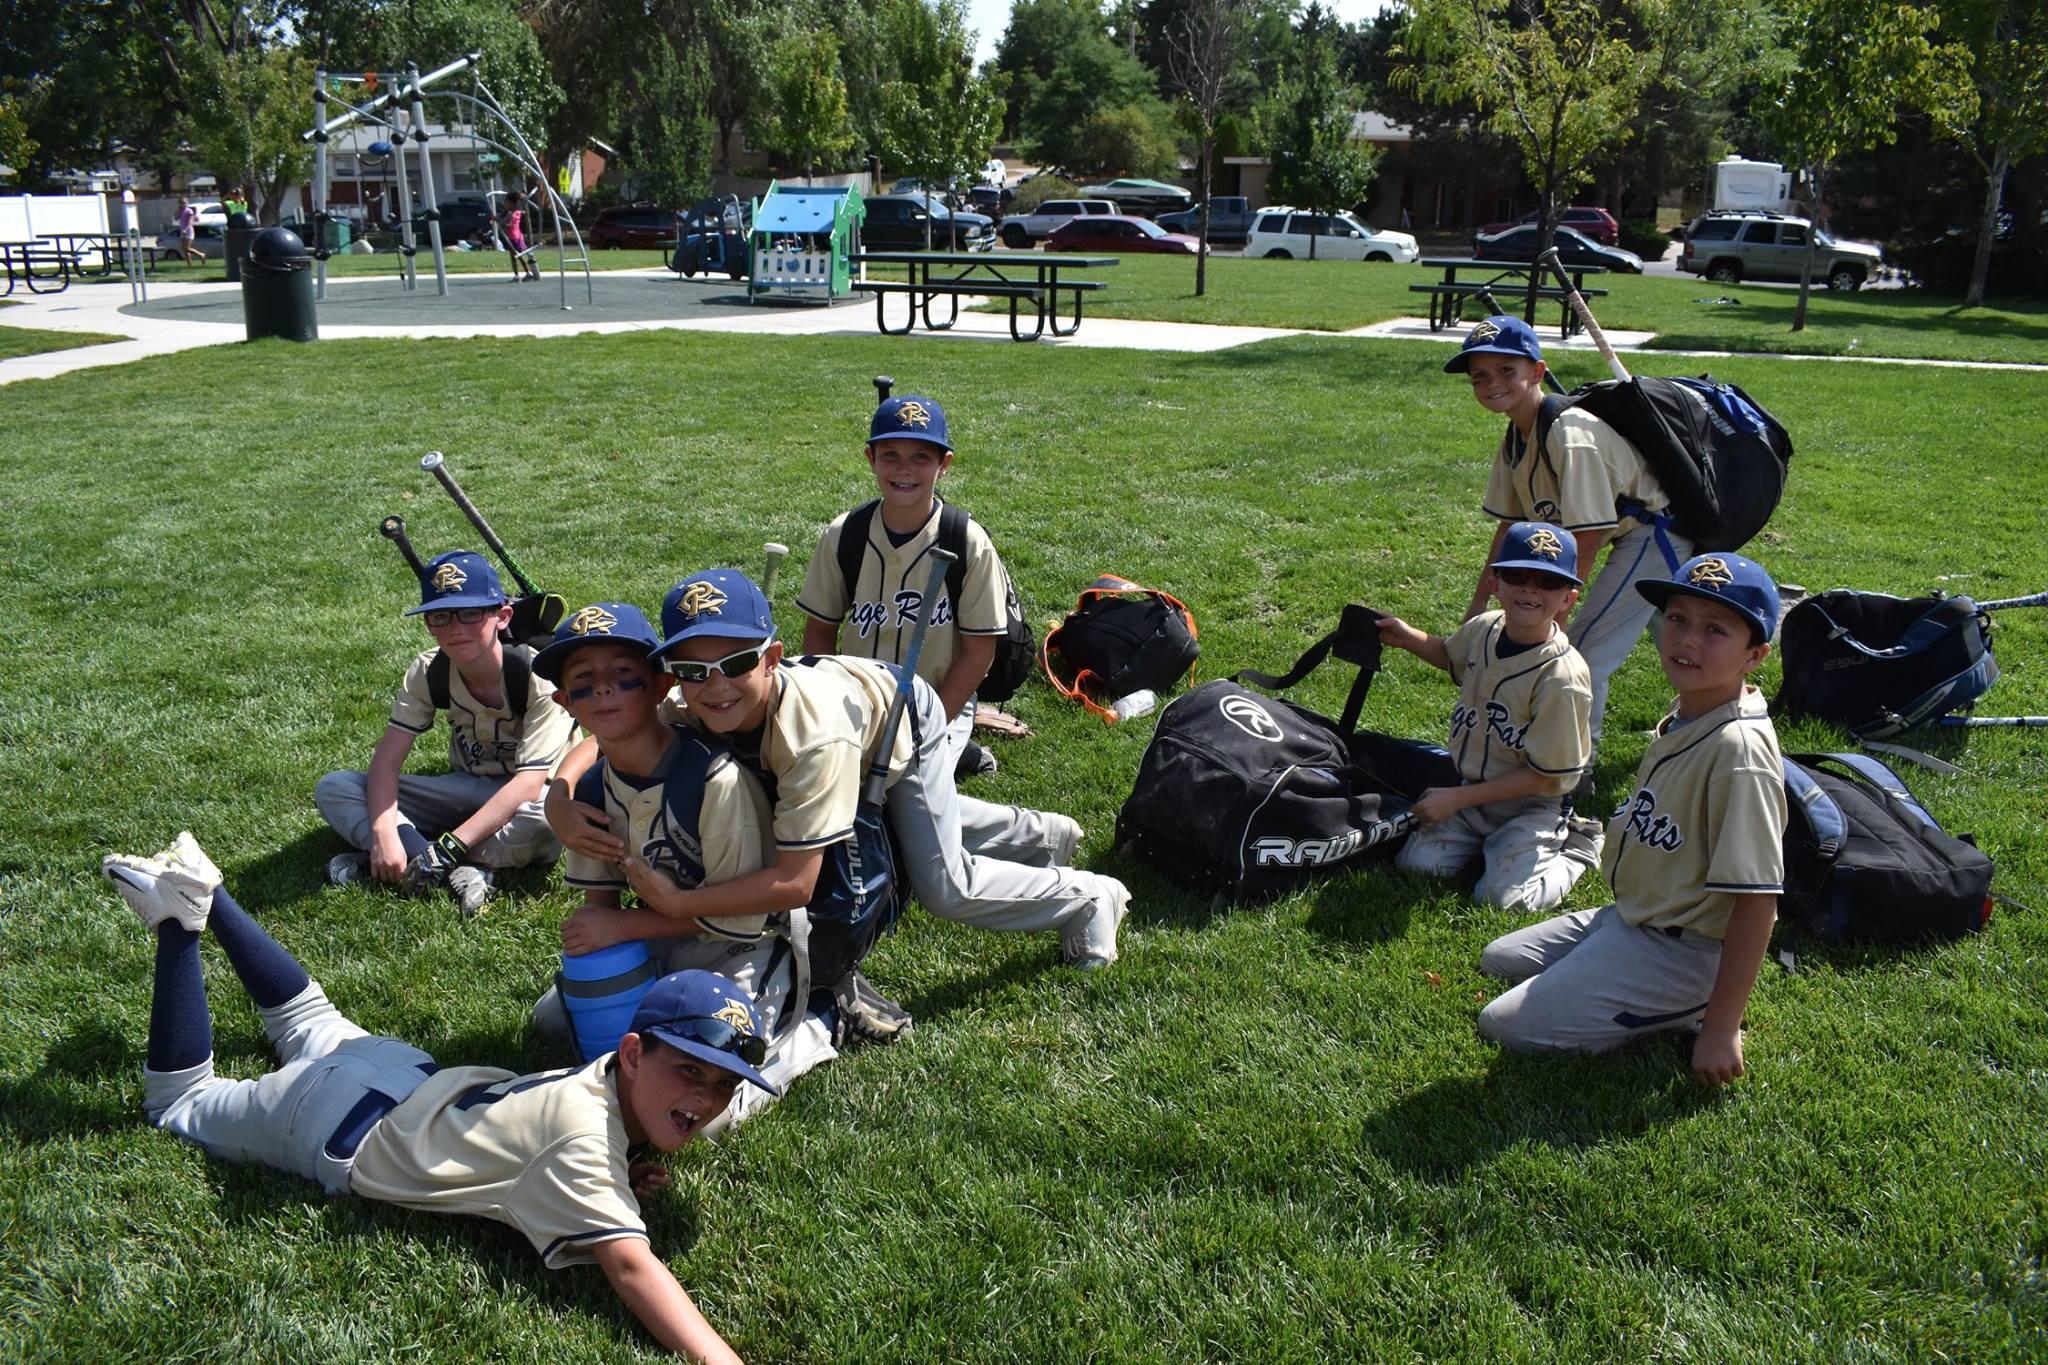 CageRat Baseball image 3